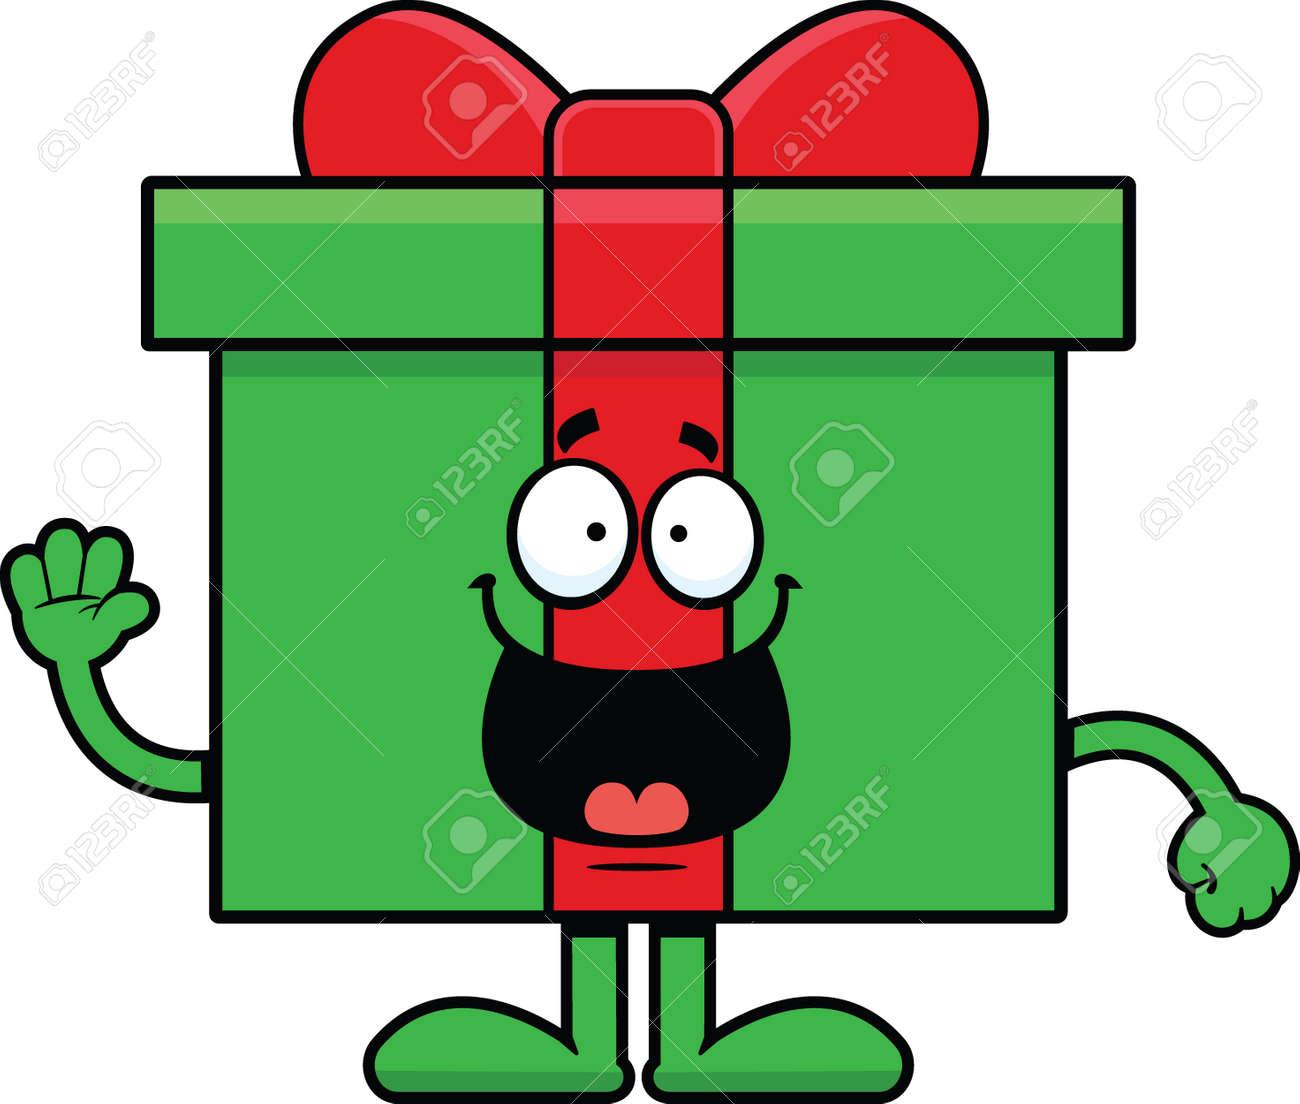 Ilustración De Dibujos Animados De Un Regalo De Navidad Con Una